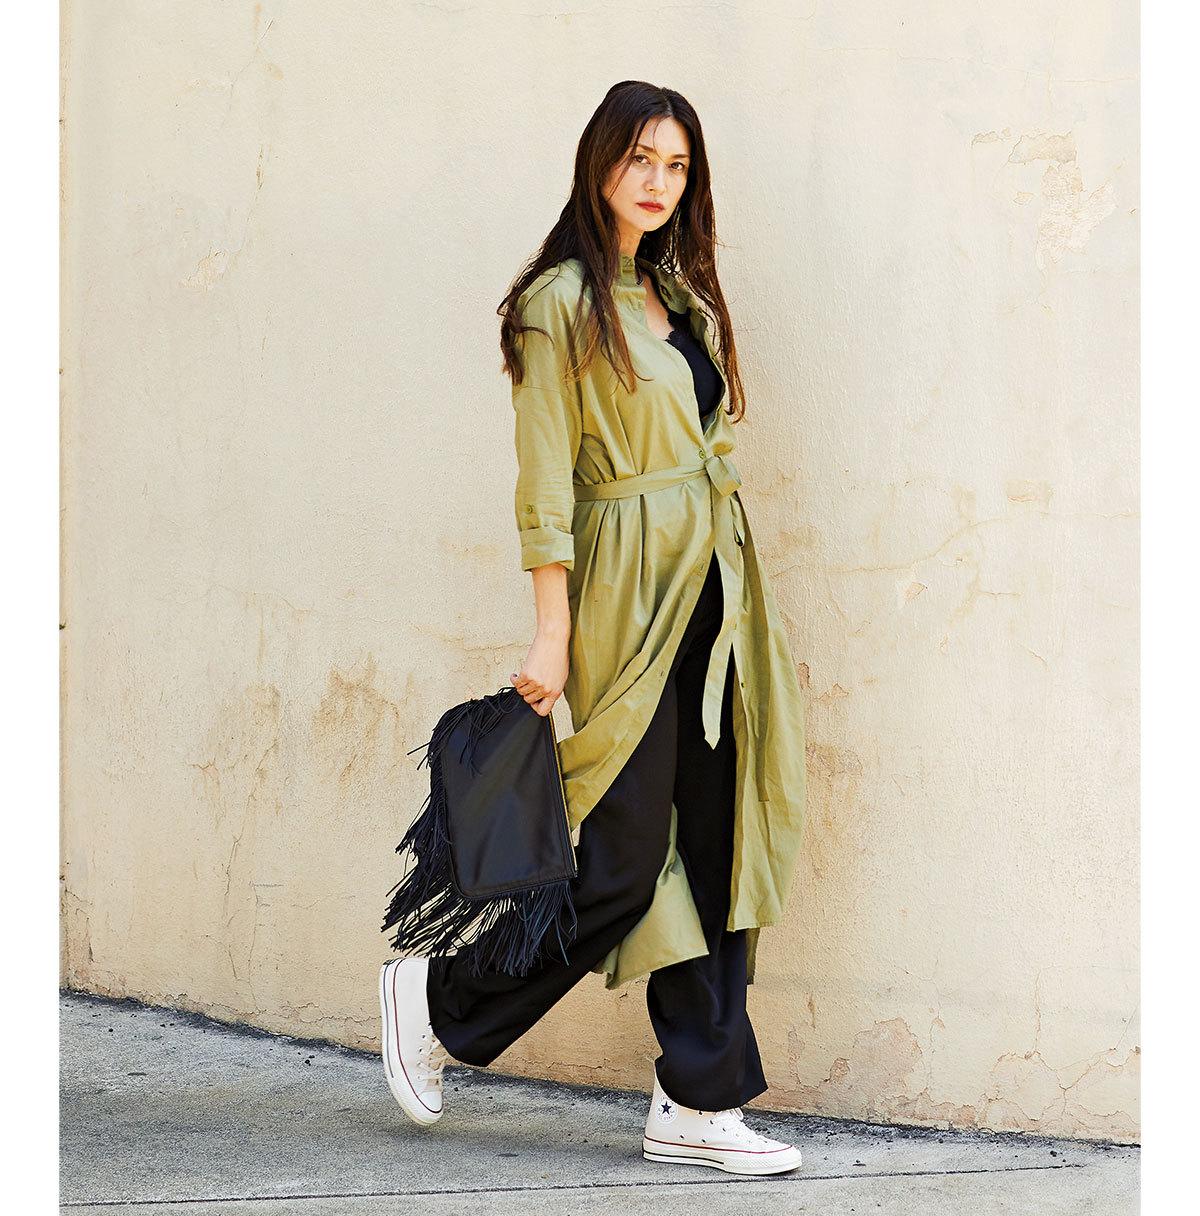 シャツワンピース×黒パンツコーデのファッションコーデ